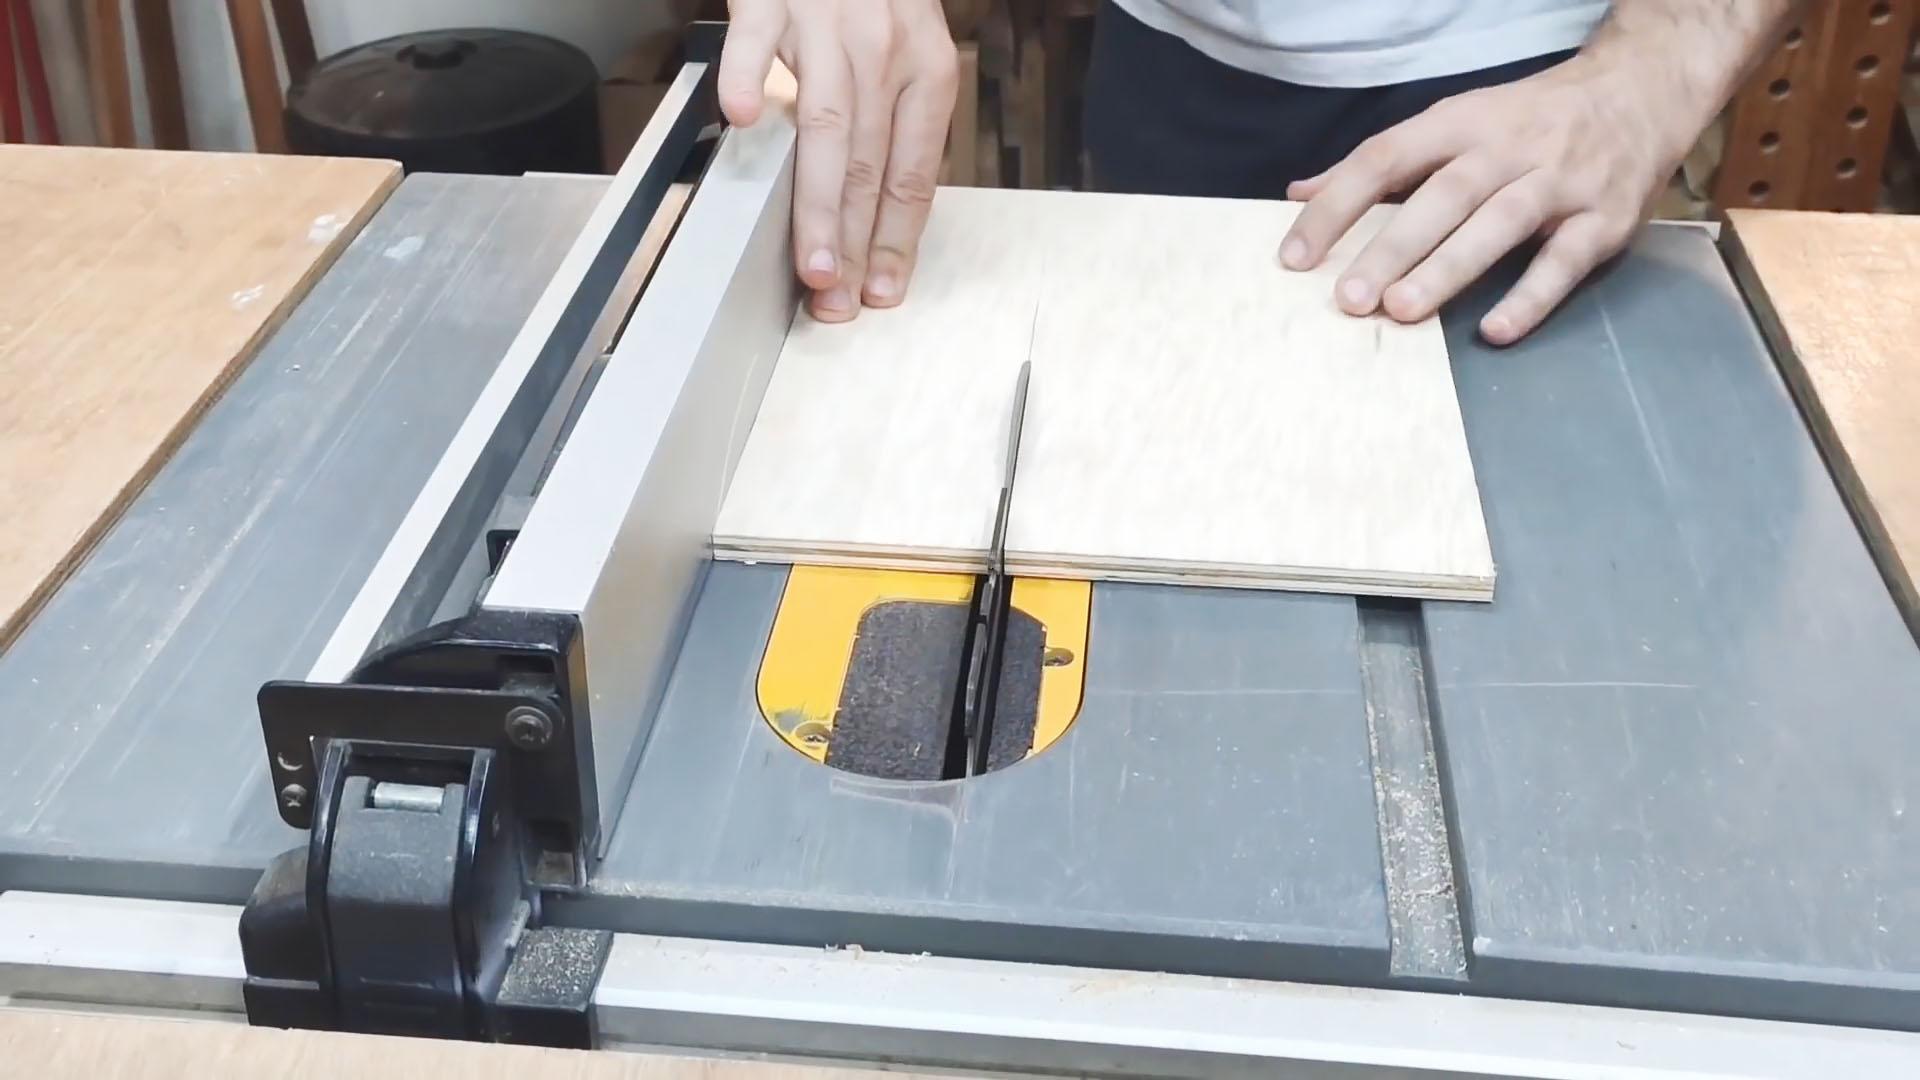 Как сделать приспособление на лобзик для раскроя без сколов